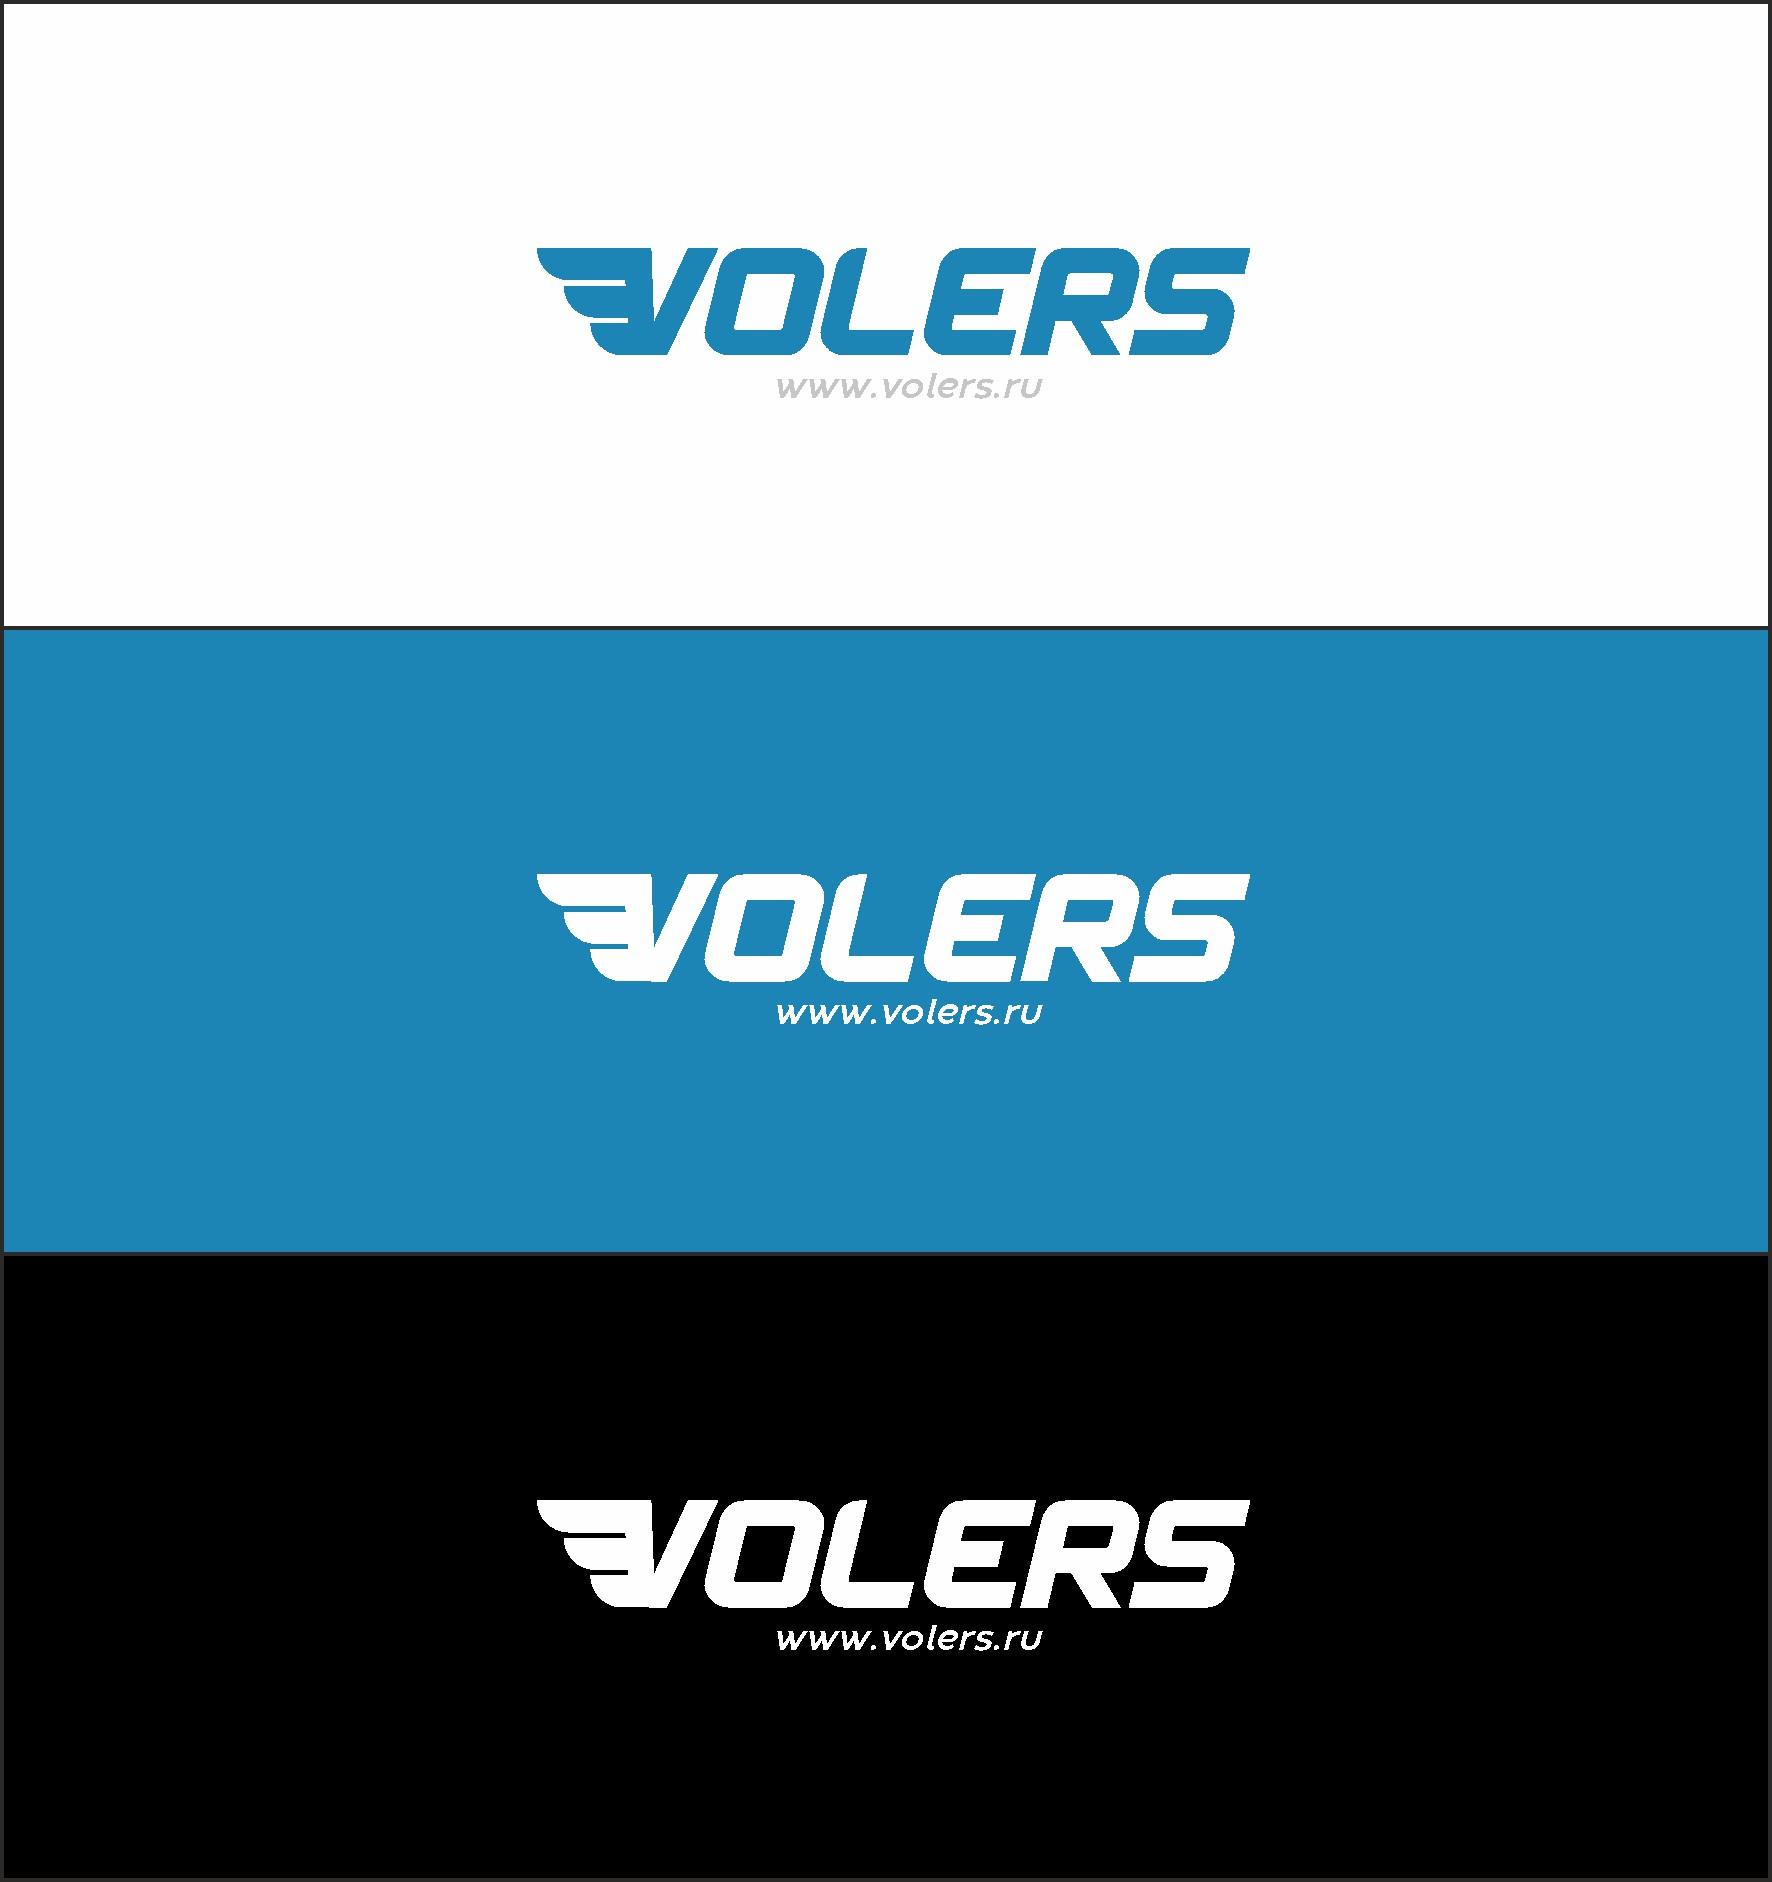 Обновить текущий логотип  фото f_2455d47e76e7b572.jpg